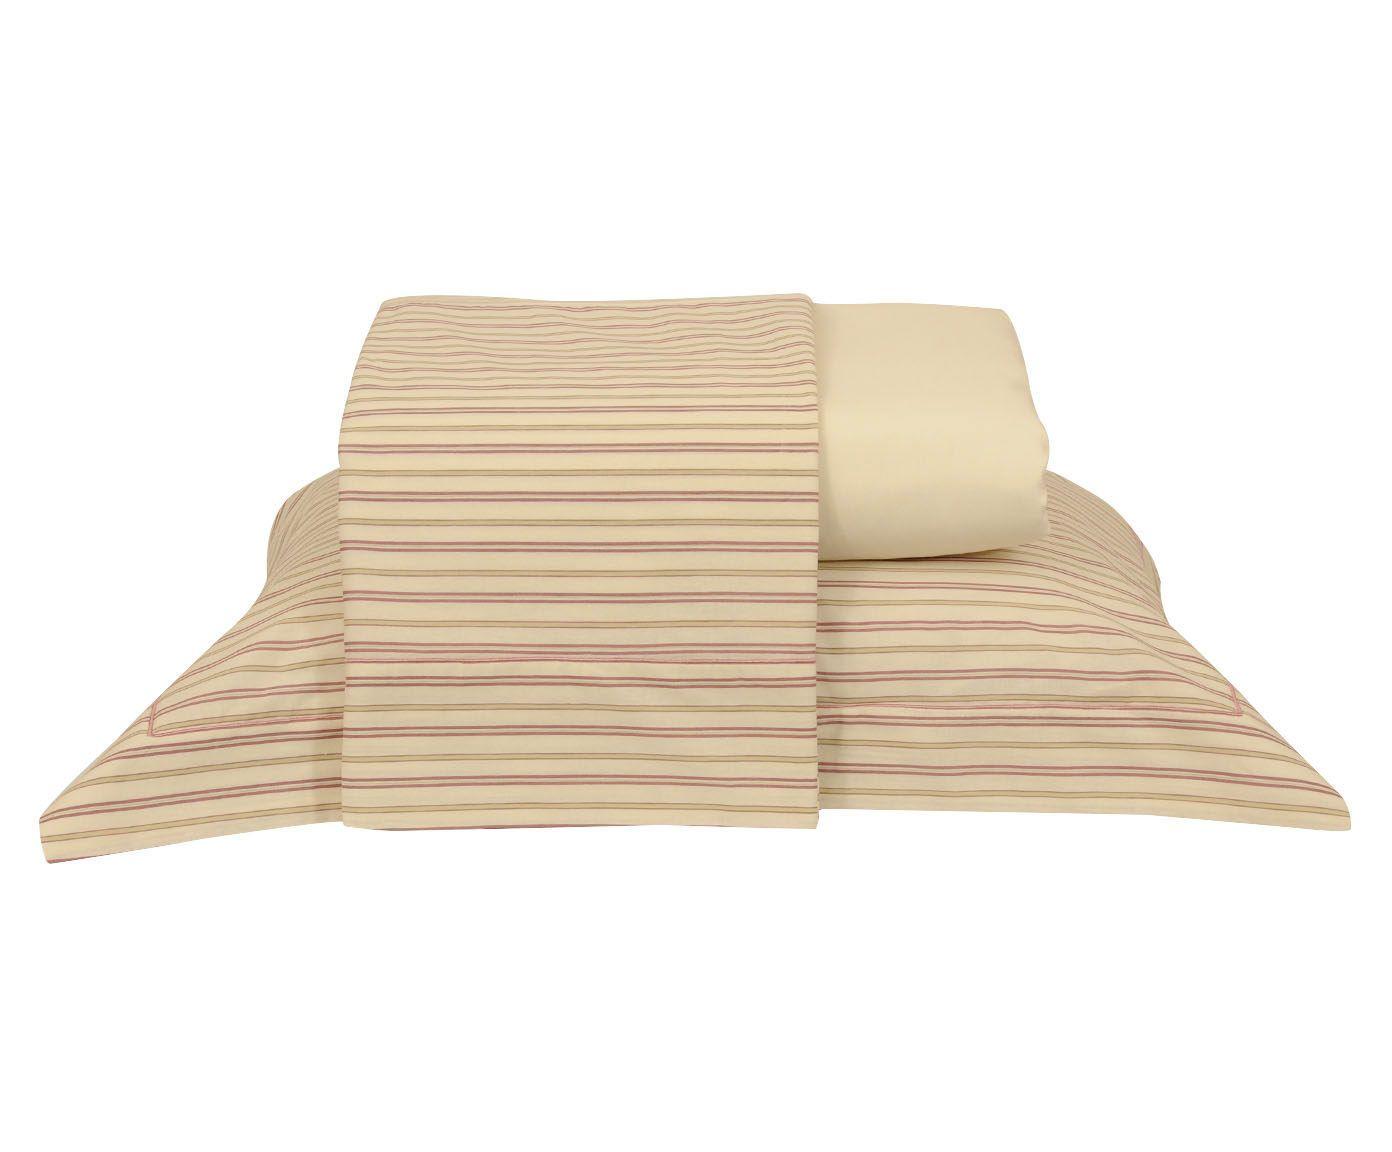 Jogo de lençol flower para cama super king size 150 fios | Westwing.com.br